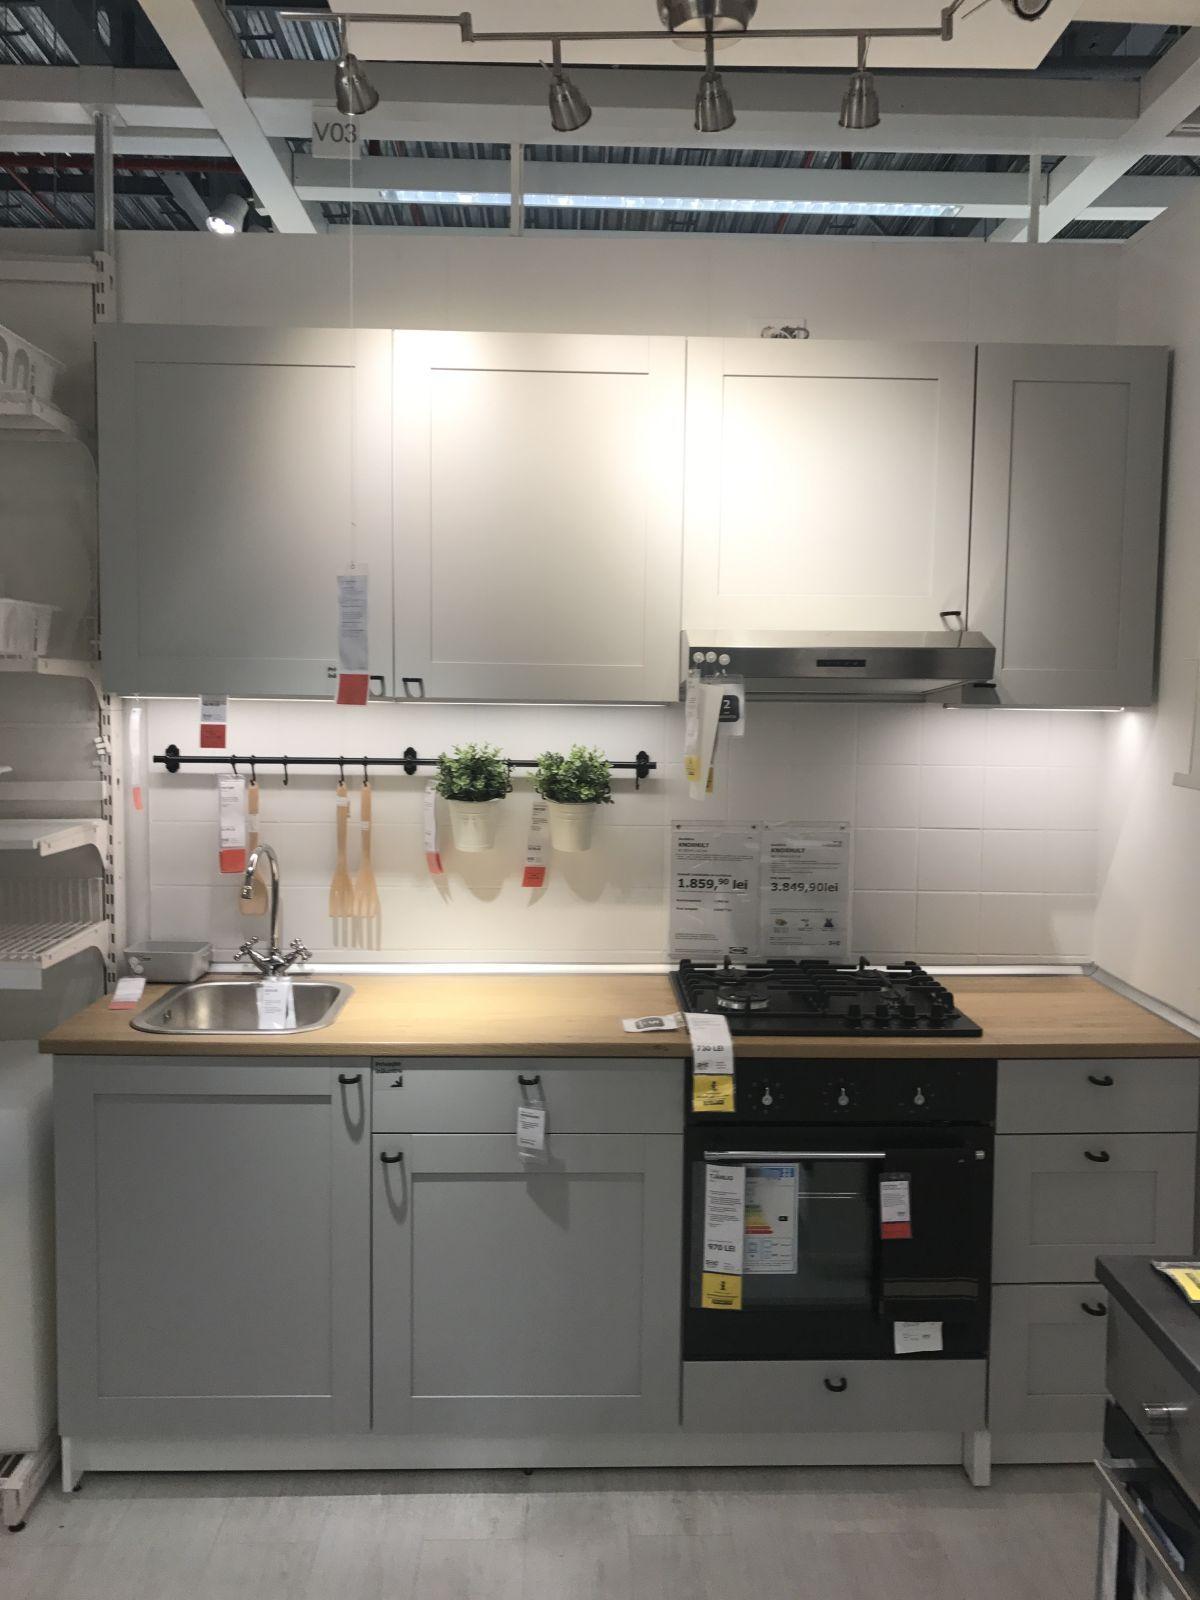 Erstellen Sie Einen Stilvollen Raum Beginnend Mit Einem Ikea Kuchendesign Neu Dekoration 2018 Ikea Small Kitchen Kitchen Tools Design Kitchen Layout